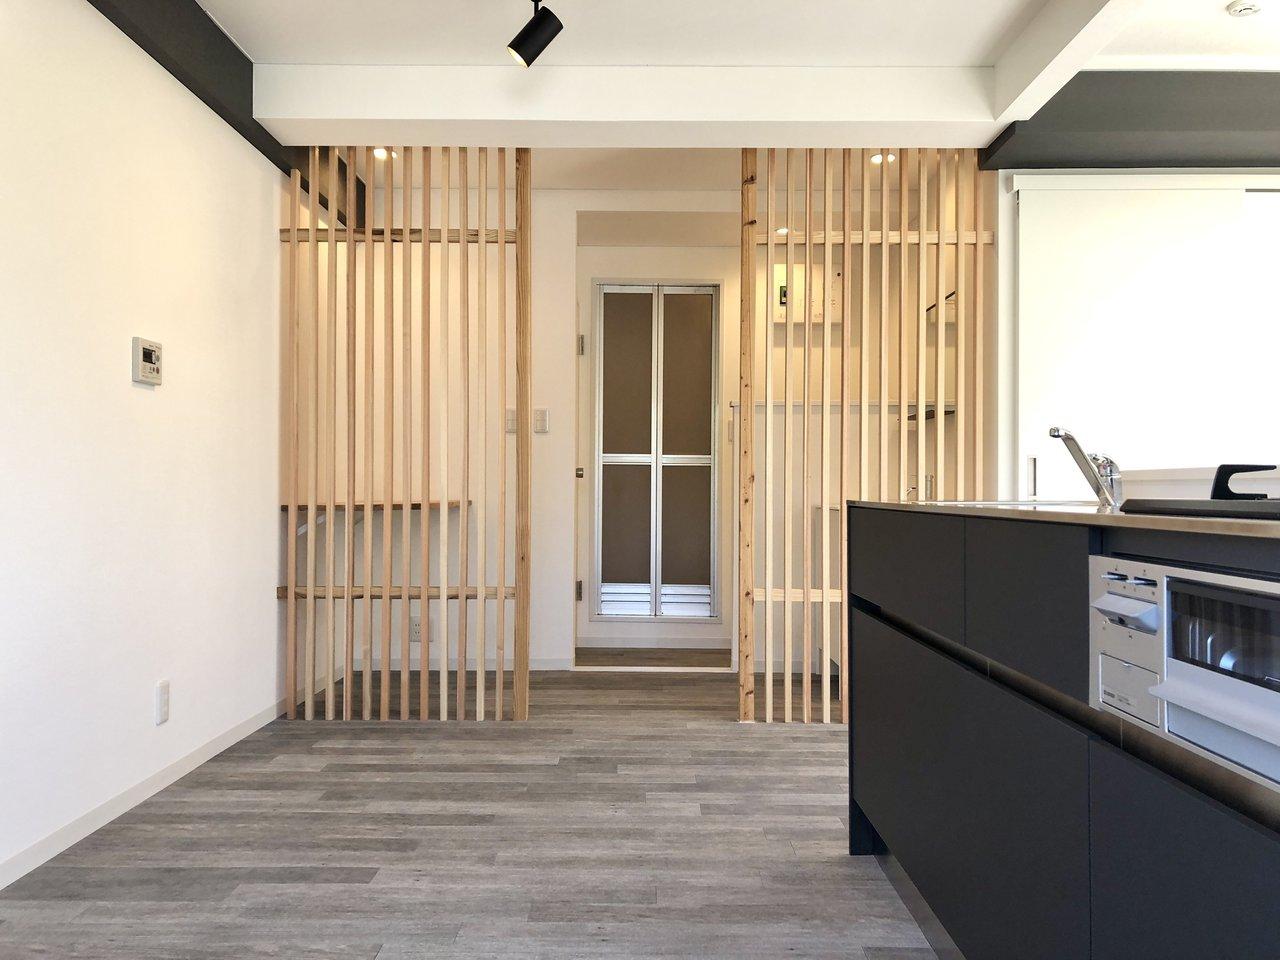 キッチン横には木の仕切り越しに、水回りがまとまっています。すごくおしゃれなデザインですね。